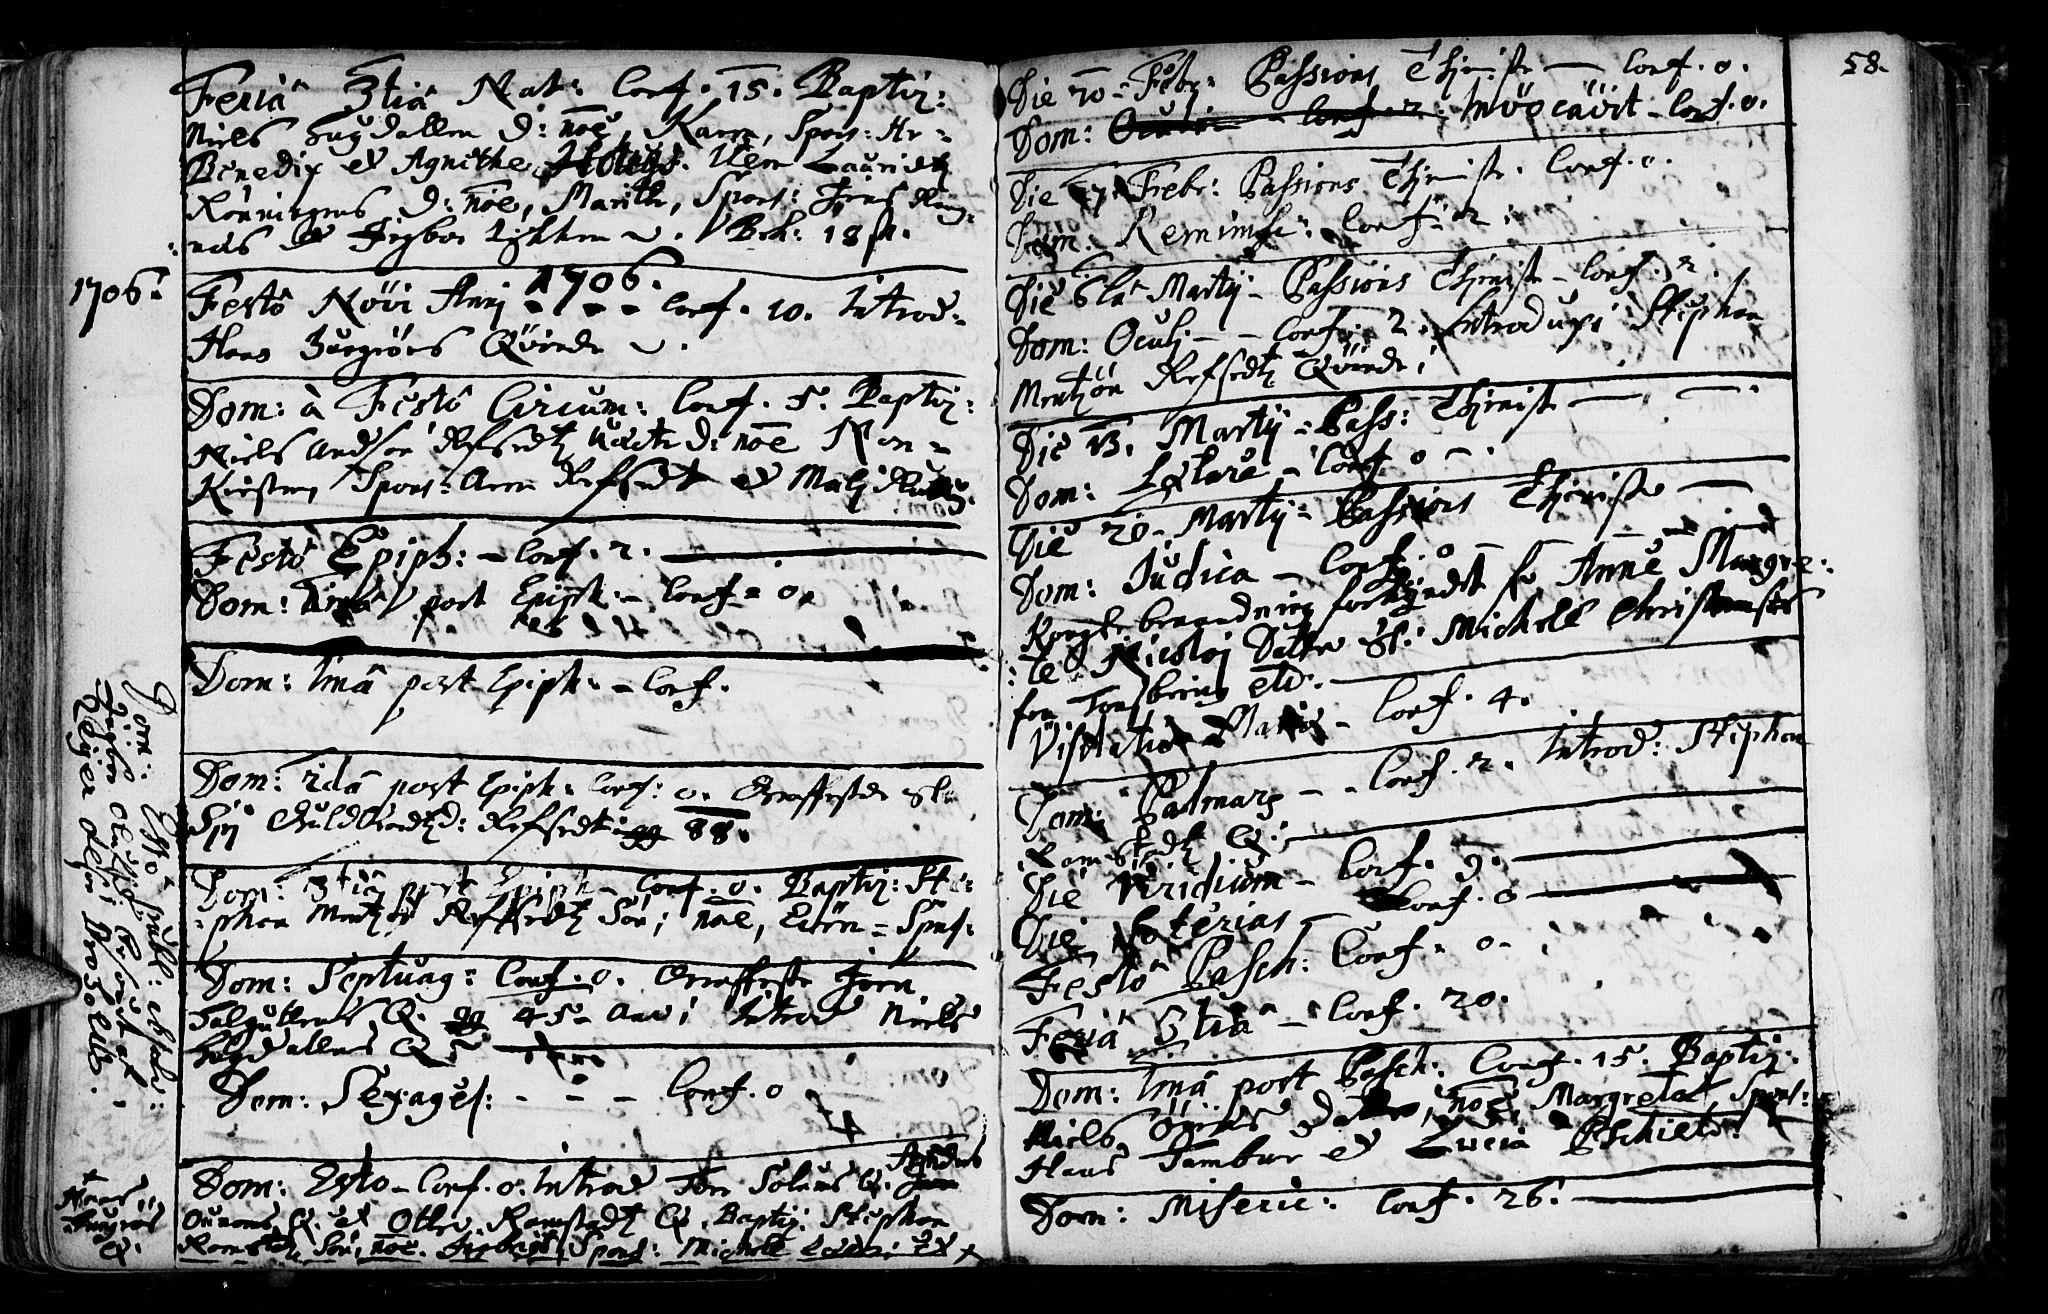 SAT, Ministerialprotokoller, klokkerbøker og fødselsregistre - Sør-Trøndelag, 687/L0990: Ministerialbok nr. 687A01, 1690-1746, s. 58